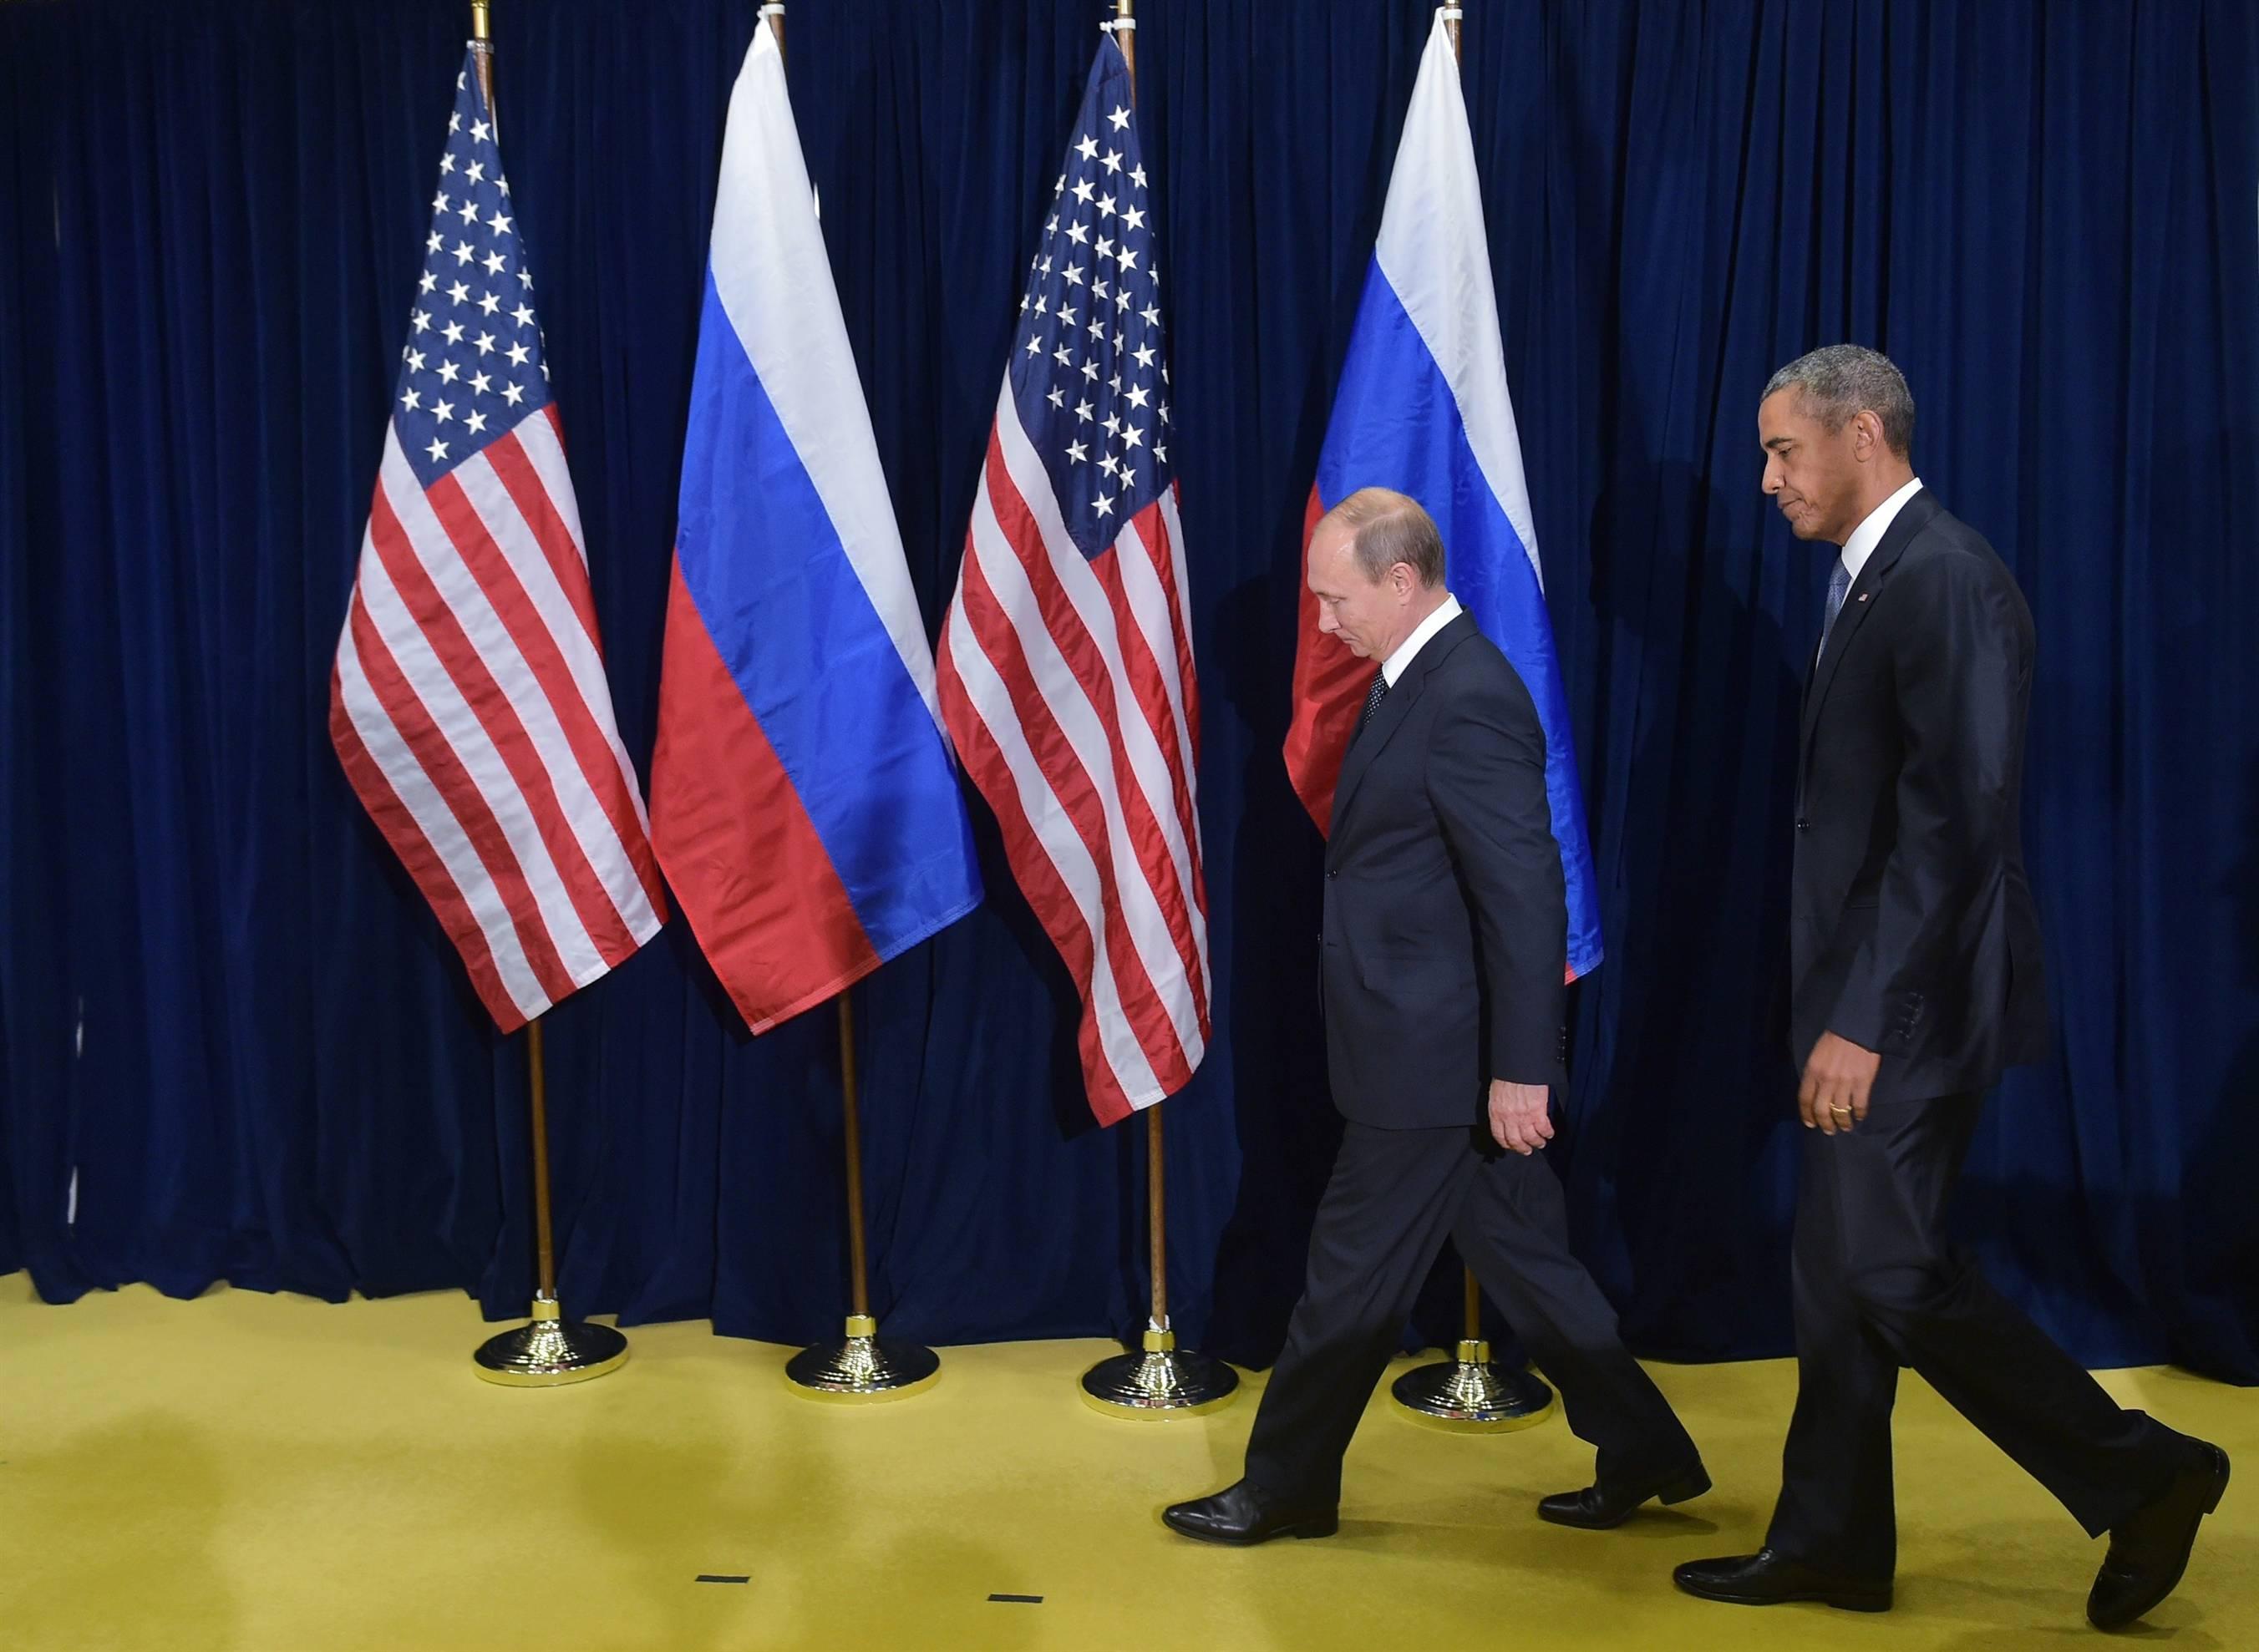 الرئيس الامريكي ونظيره الروسي